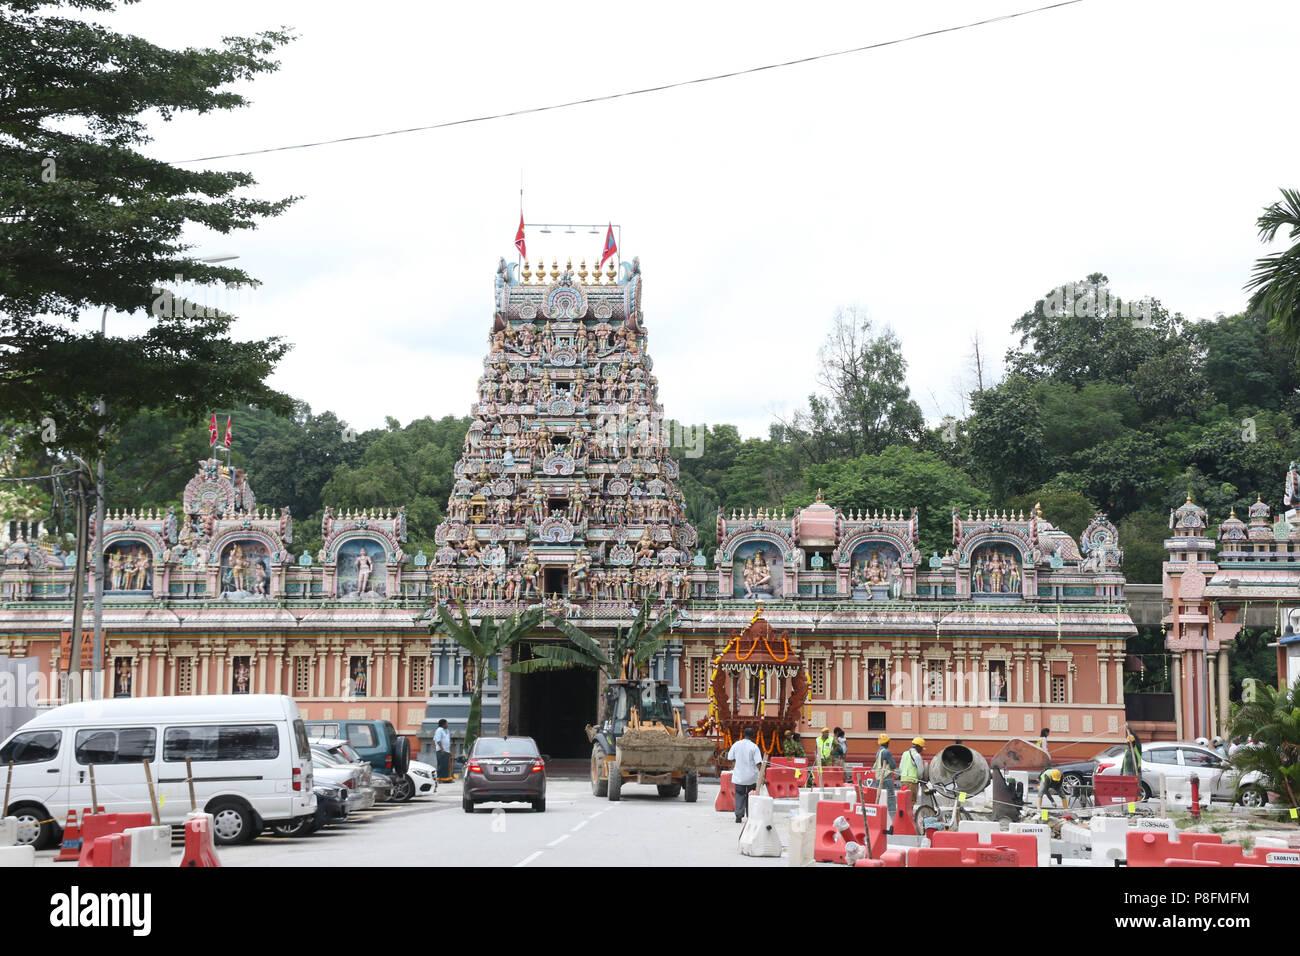 Sri Kandaswamy Kovil, Sri Lankan Tamil or Ceylonese Tamil Hindu temple on Jalan Scott in Little India, Brickfields, Kuala Lumpur, Malaysia. Stock Photo